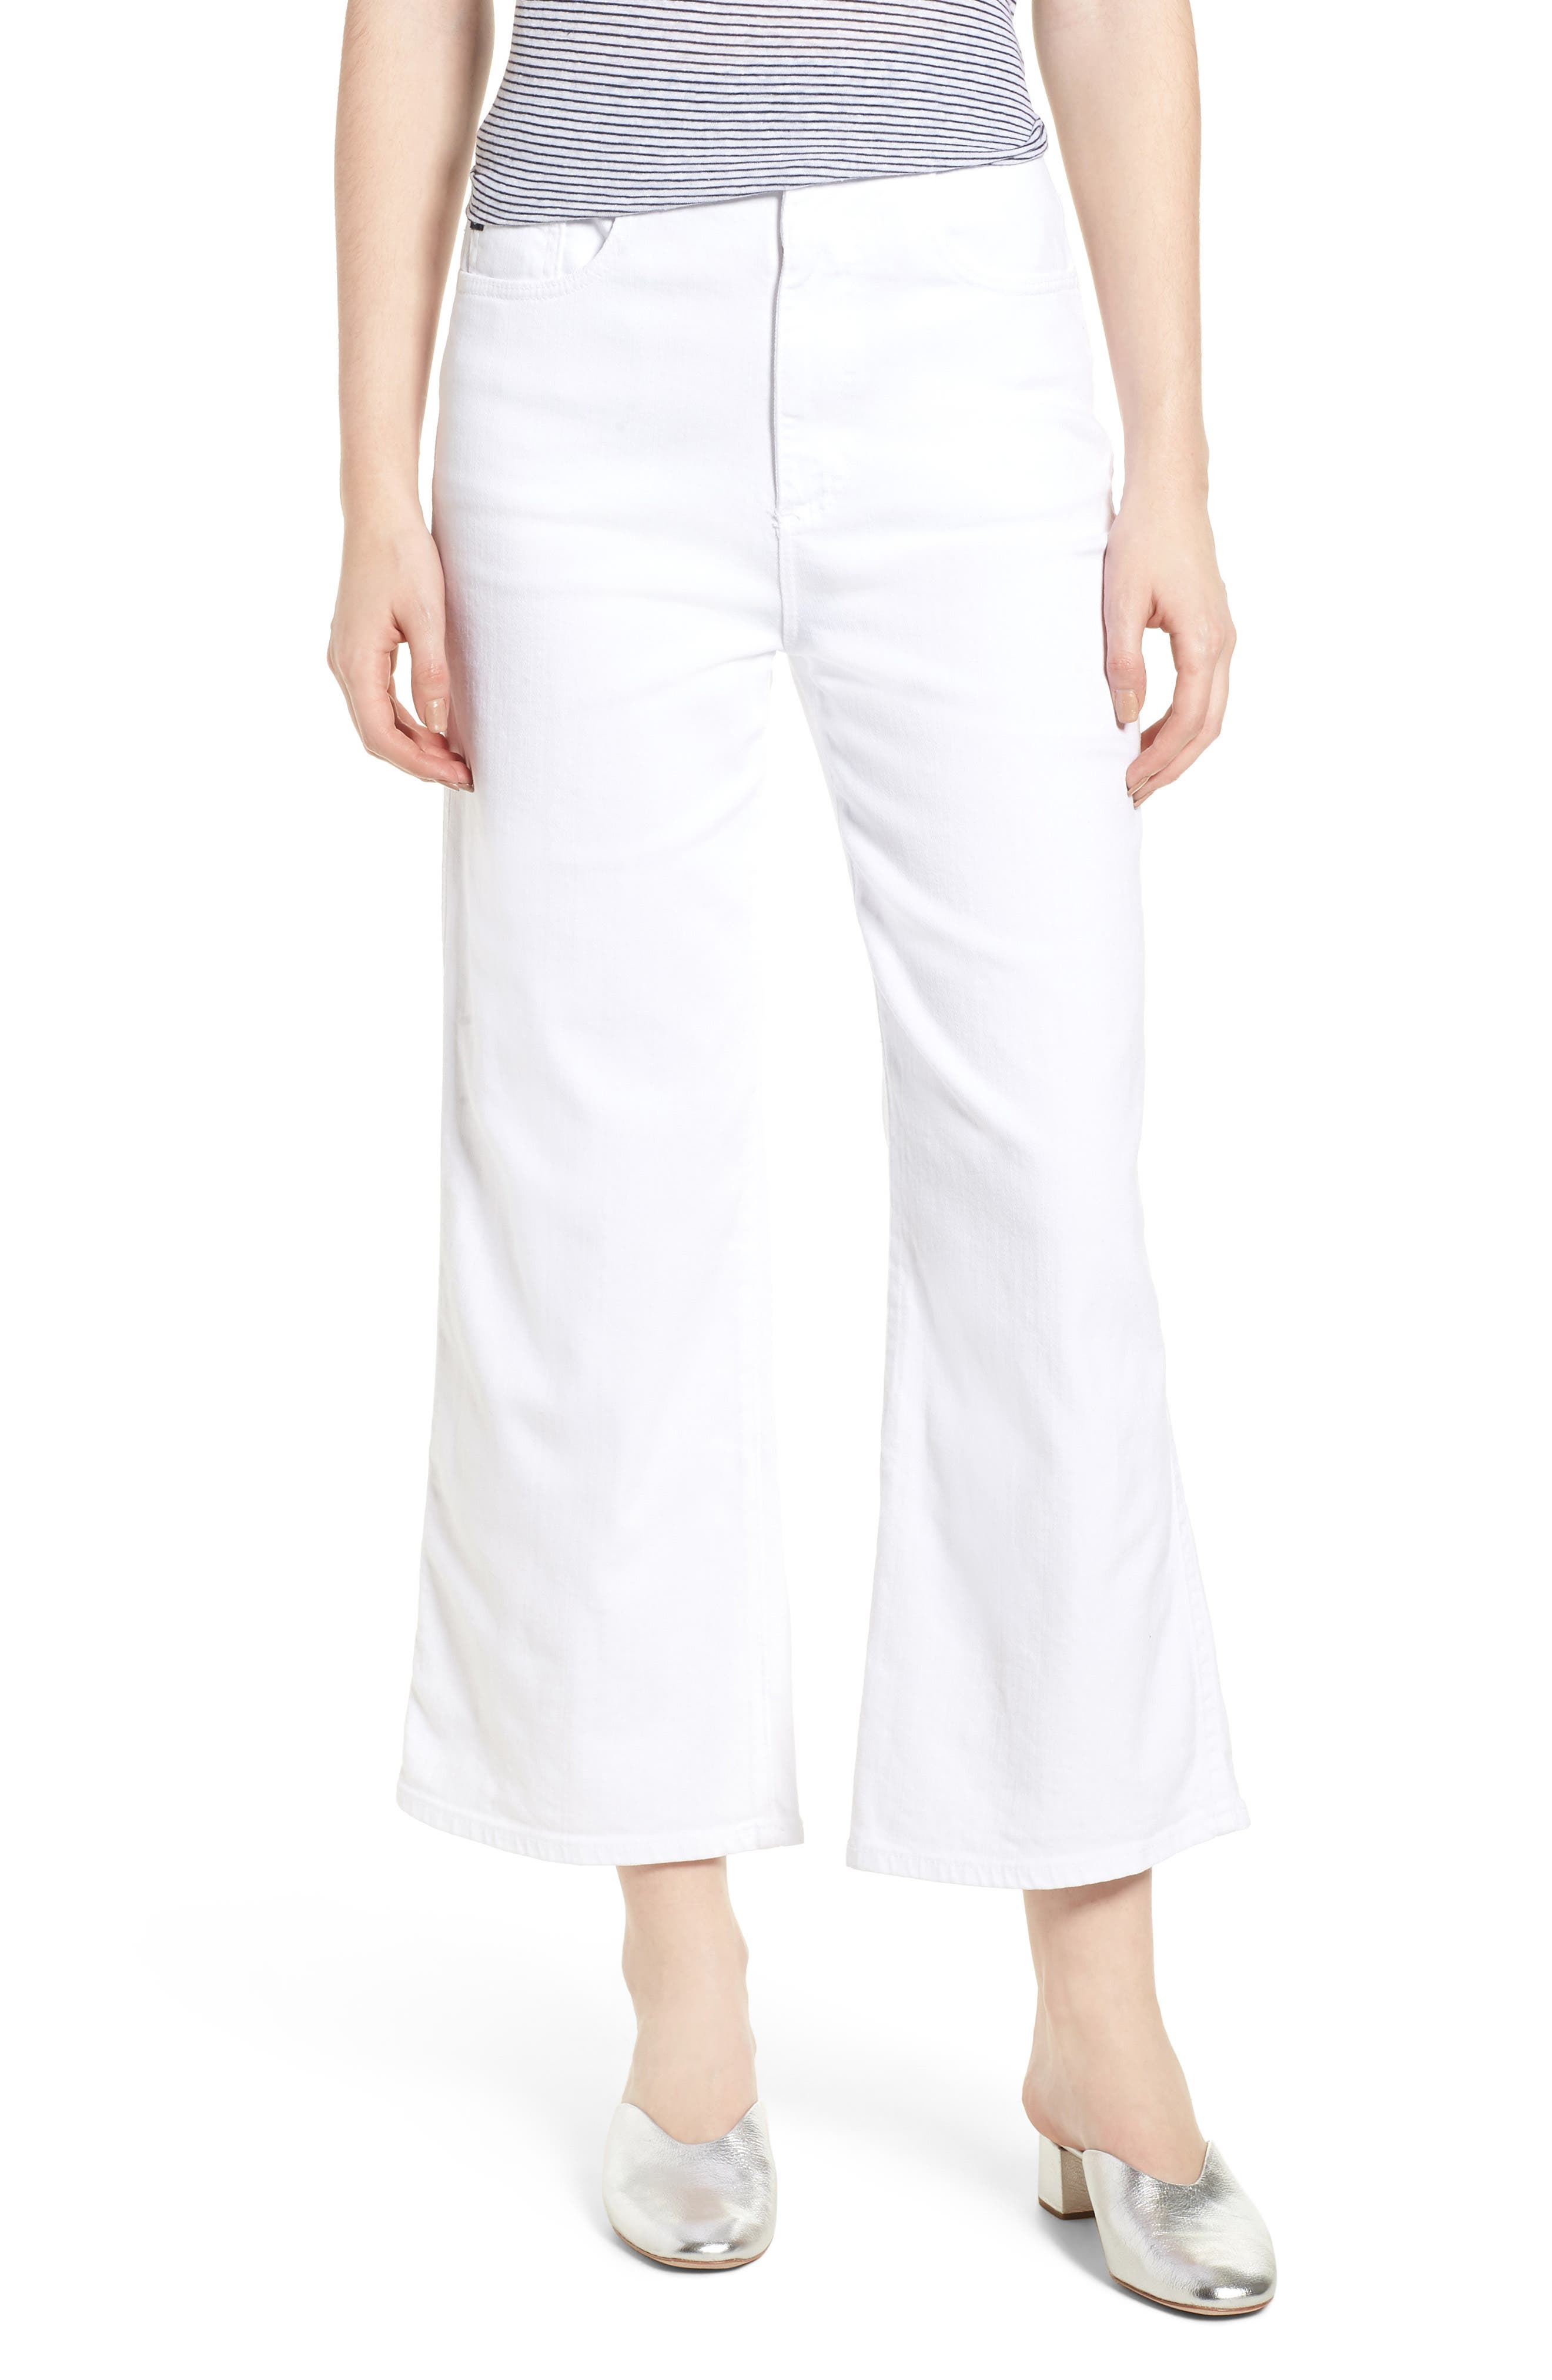 Etta High Waist Crop Wide Leg Jeans,                         Main,                         color, 110